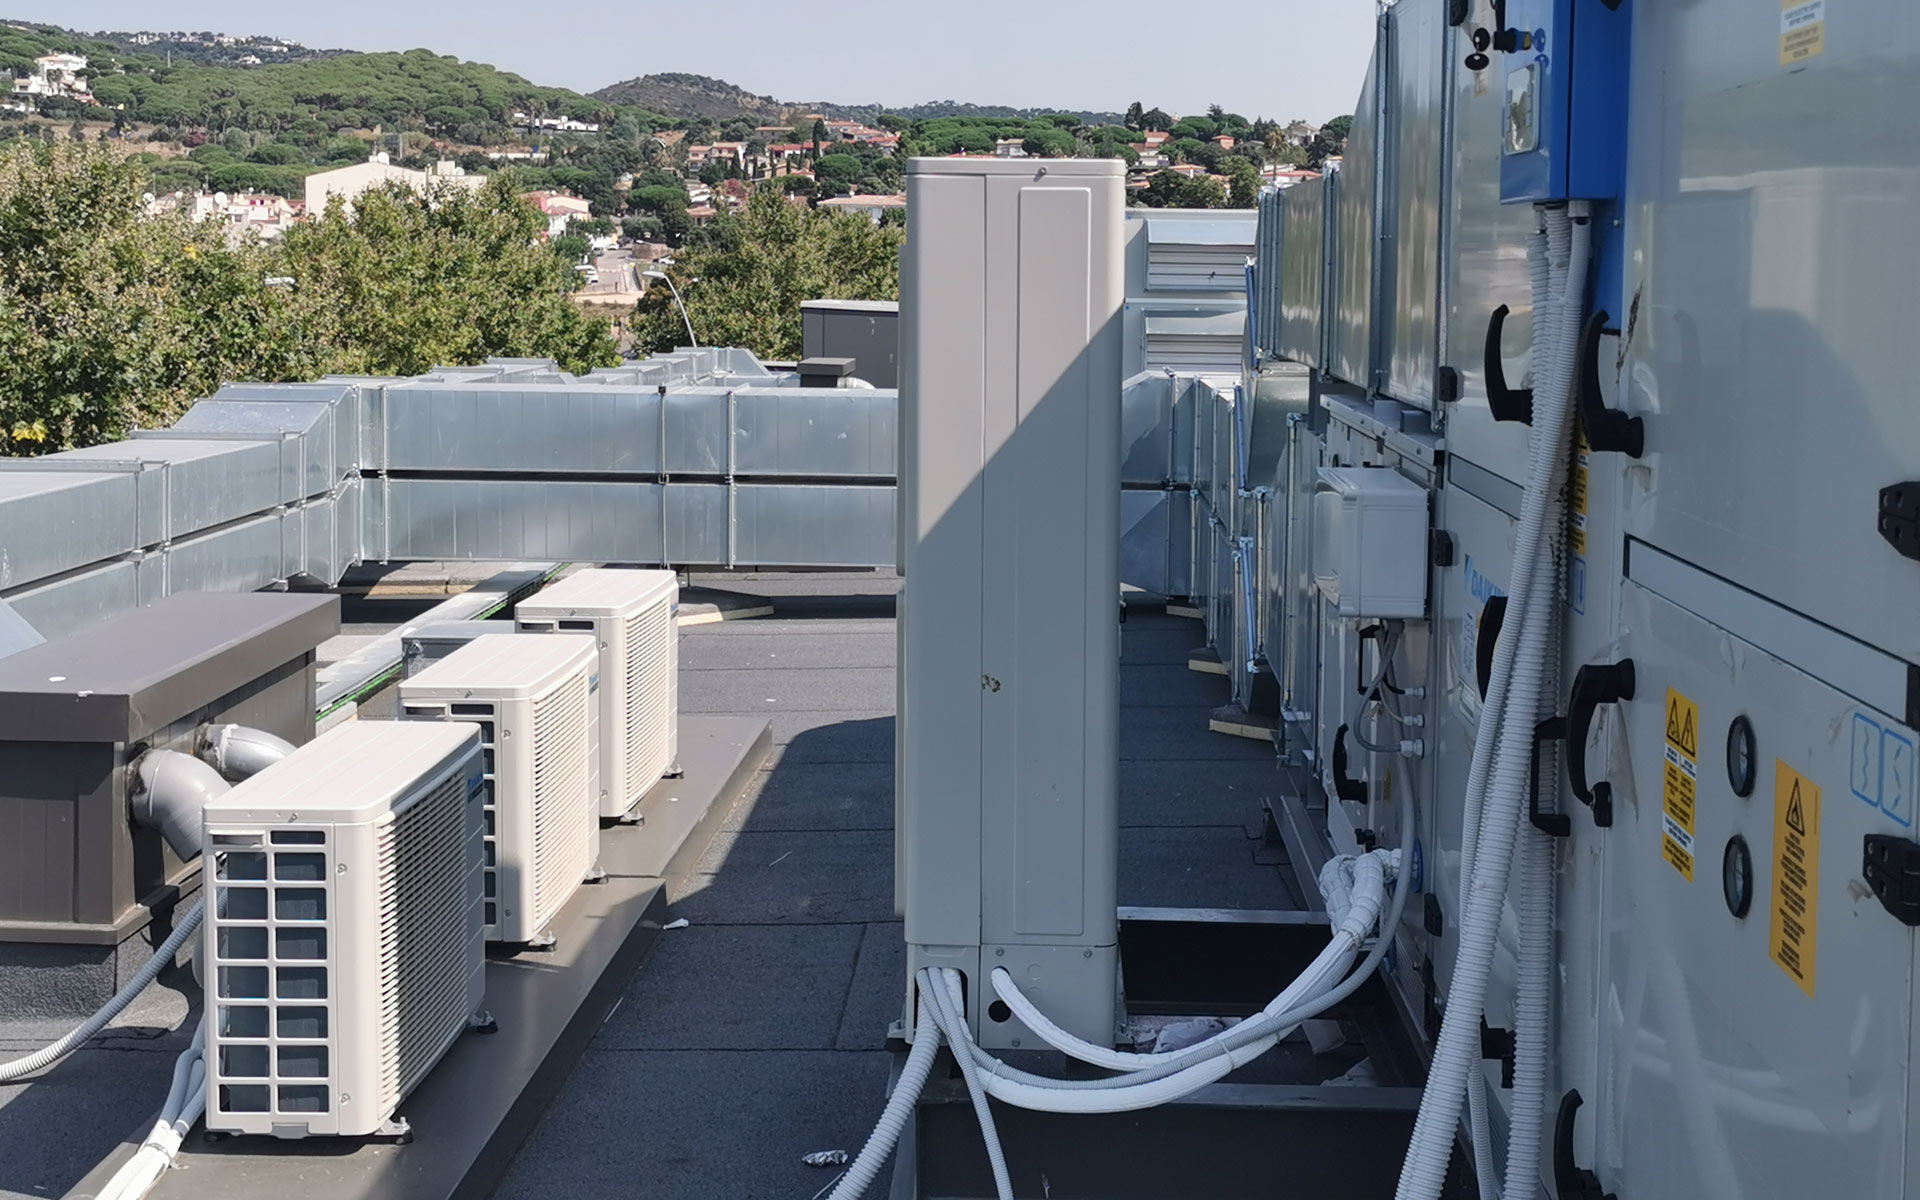 abatec-instalaciones-residencia-playa-de-aro-climatizacion-industrial-03